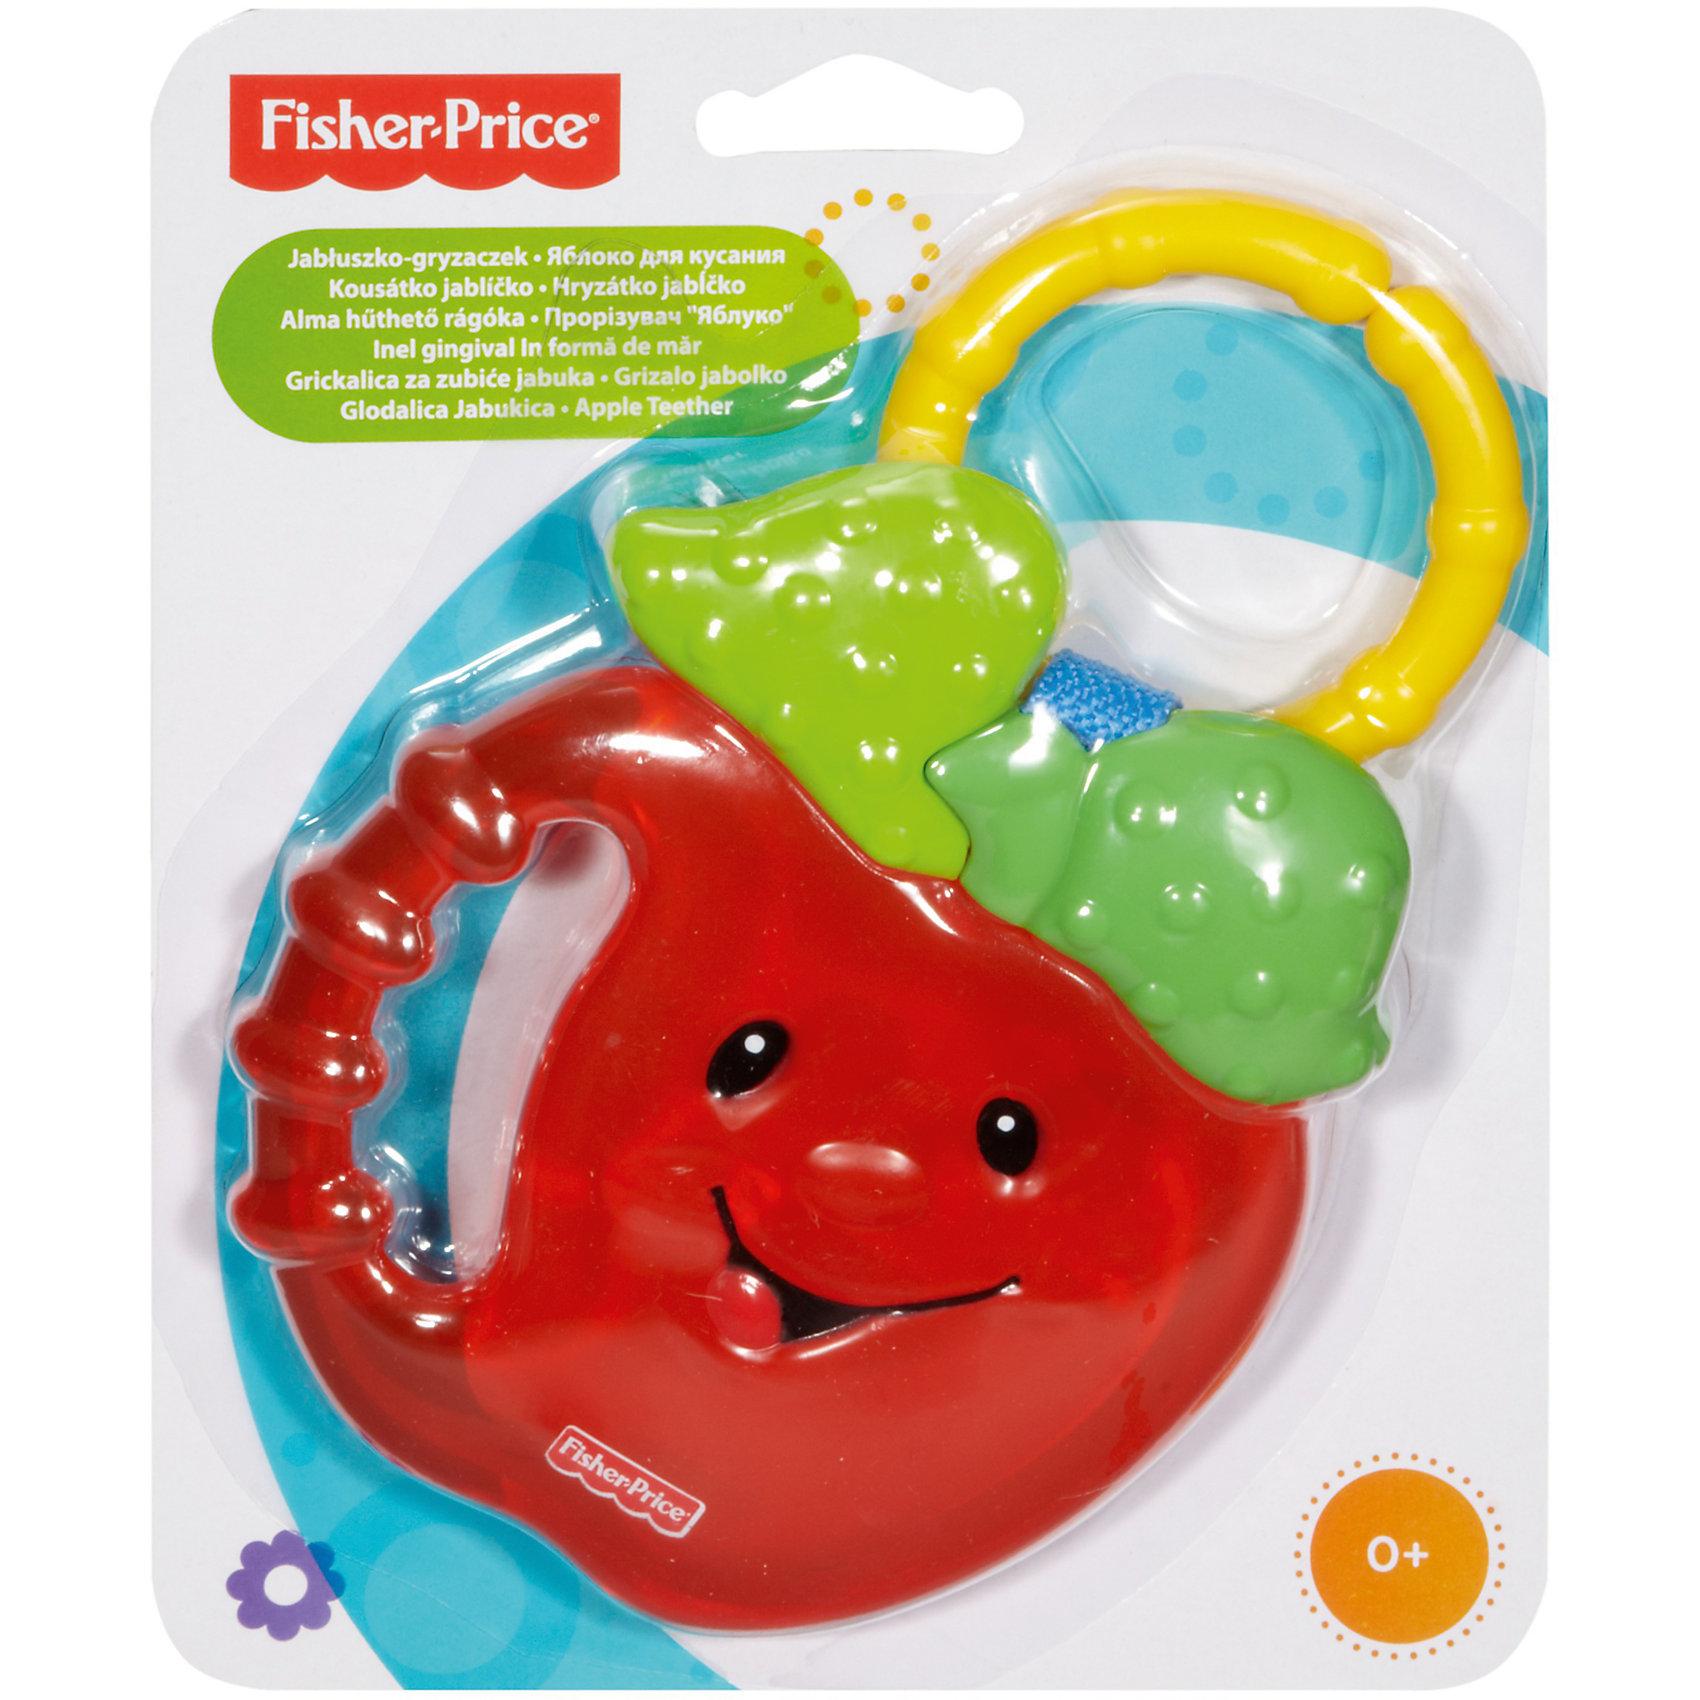 Прорезыватель Яблочко, Fisher Price (Mattel)